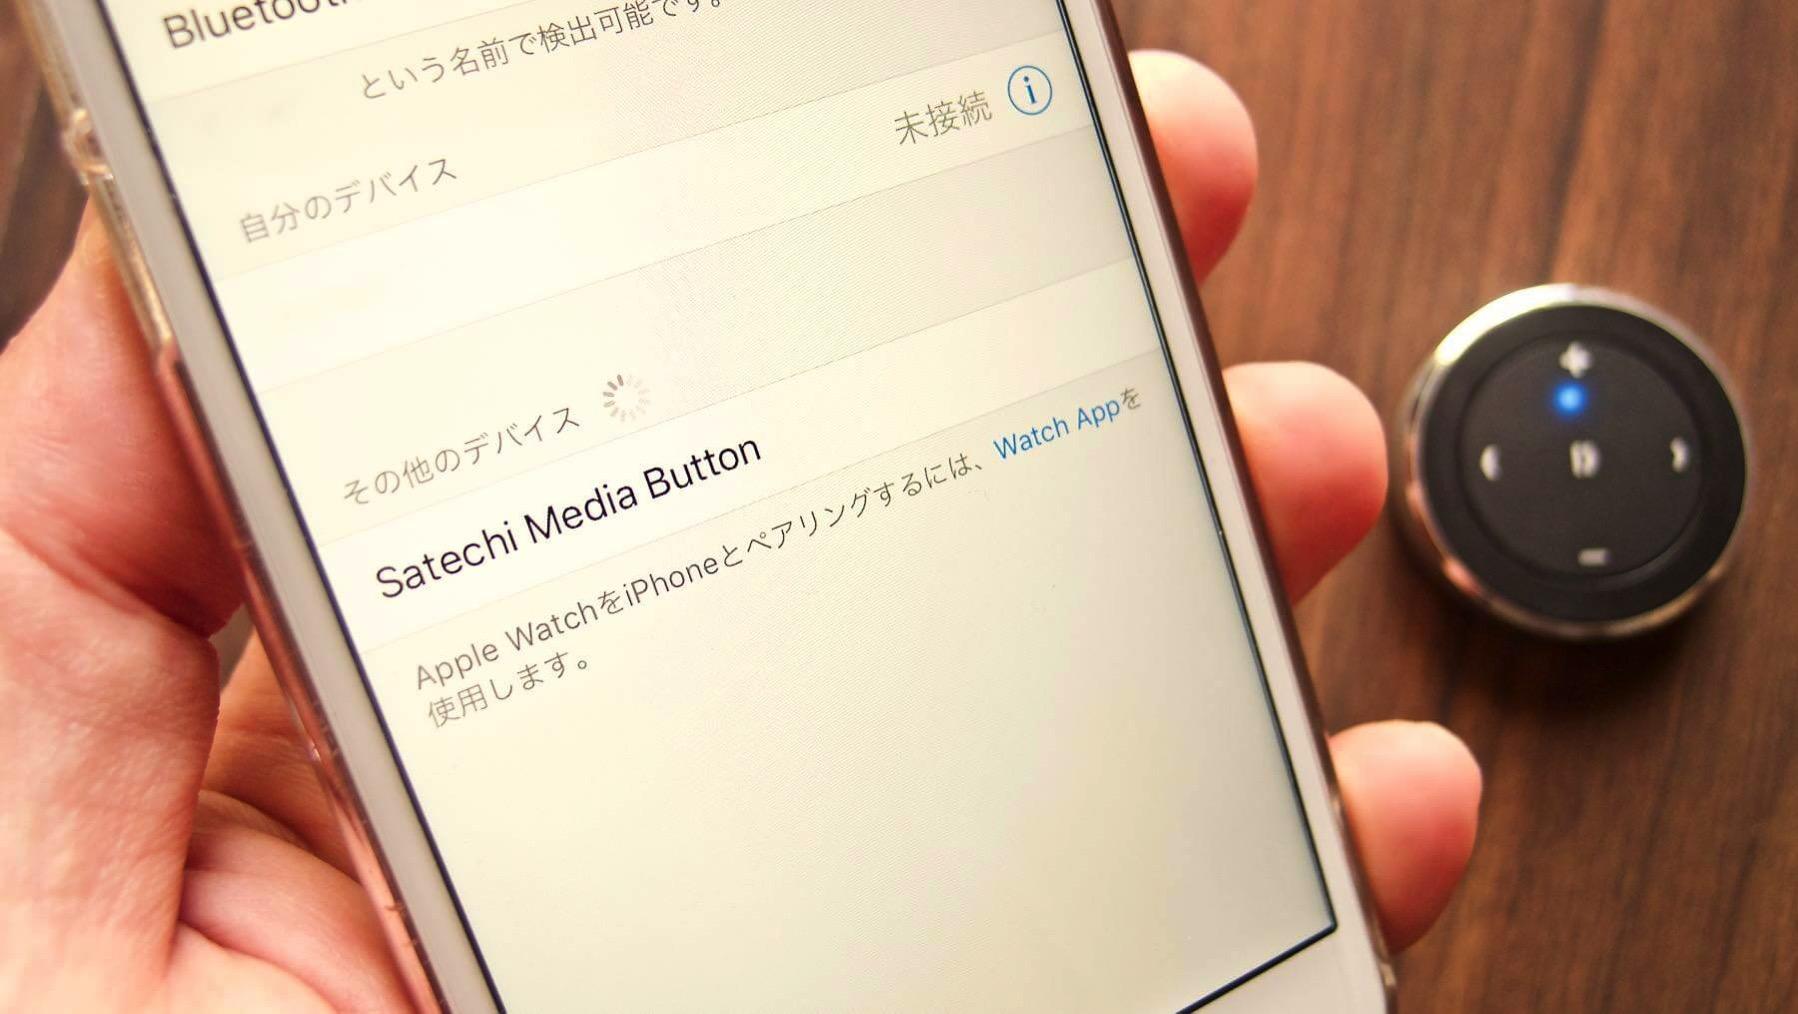 12 Satechi Media Button